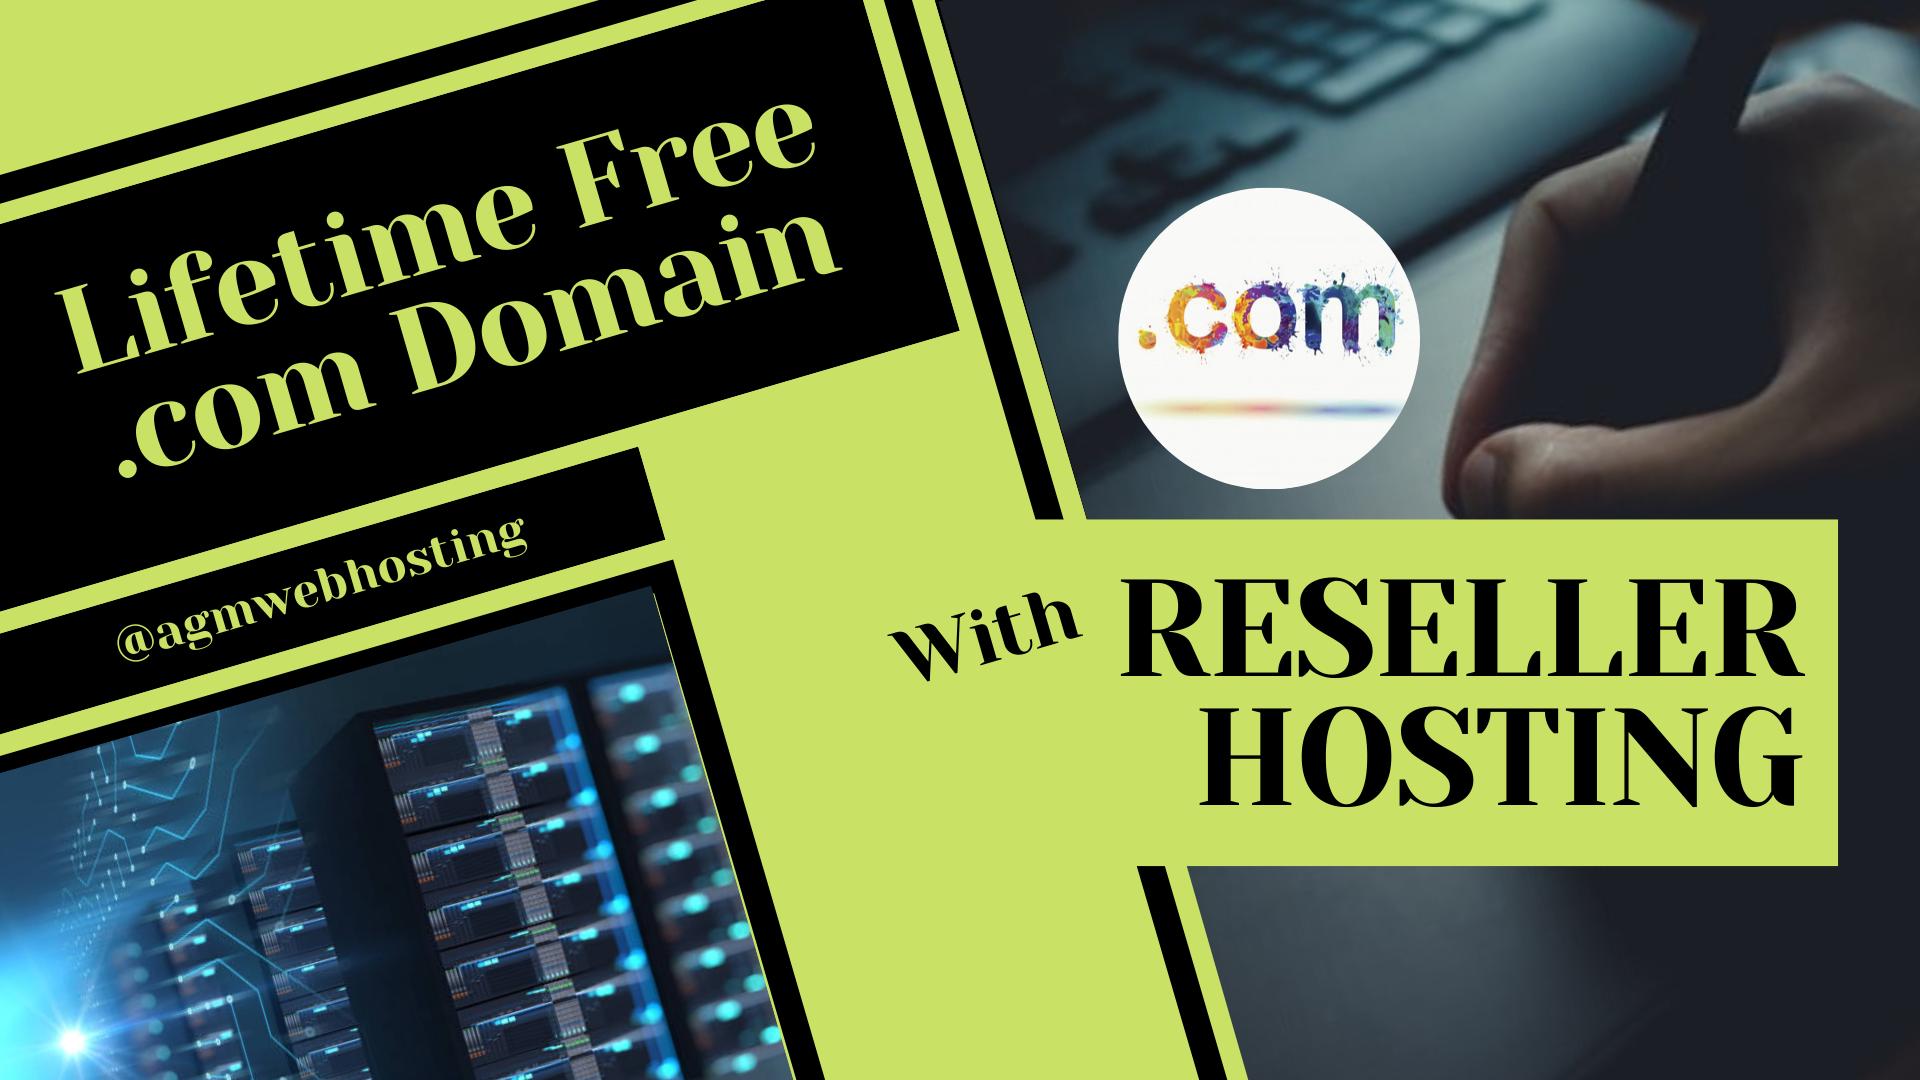 Best Hosting Offer Nepal - Get upto 50% Off On Hosting- AGM